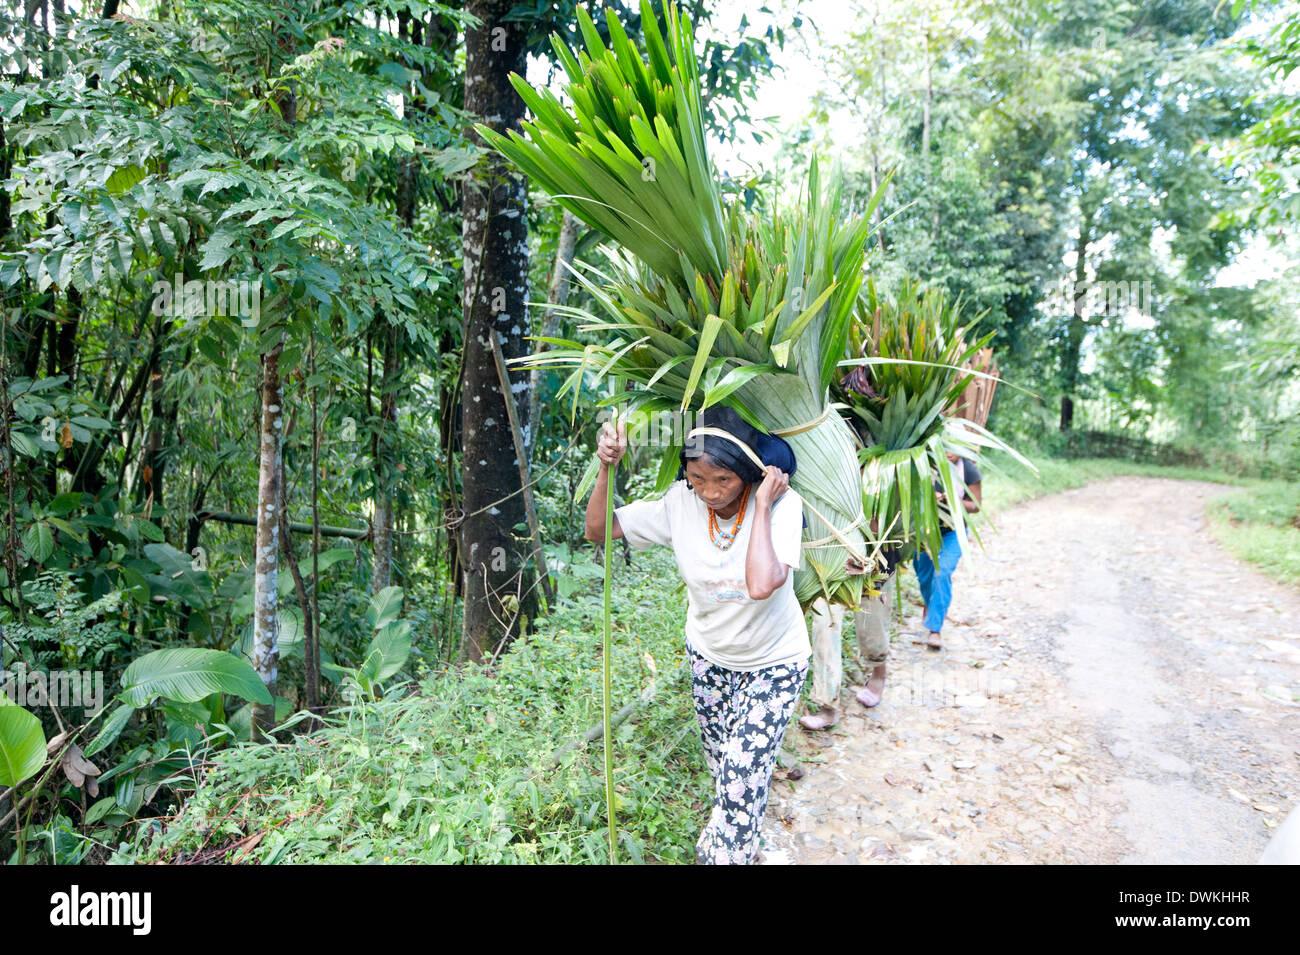 Naga tribeswomen che trasportano carichi di ventola di foglie di palma per uso domestico in paglia, sui tradizionali stringitesta, rurale Nagaland, India, Asia Immagini Stock